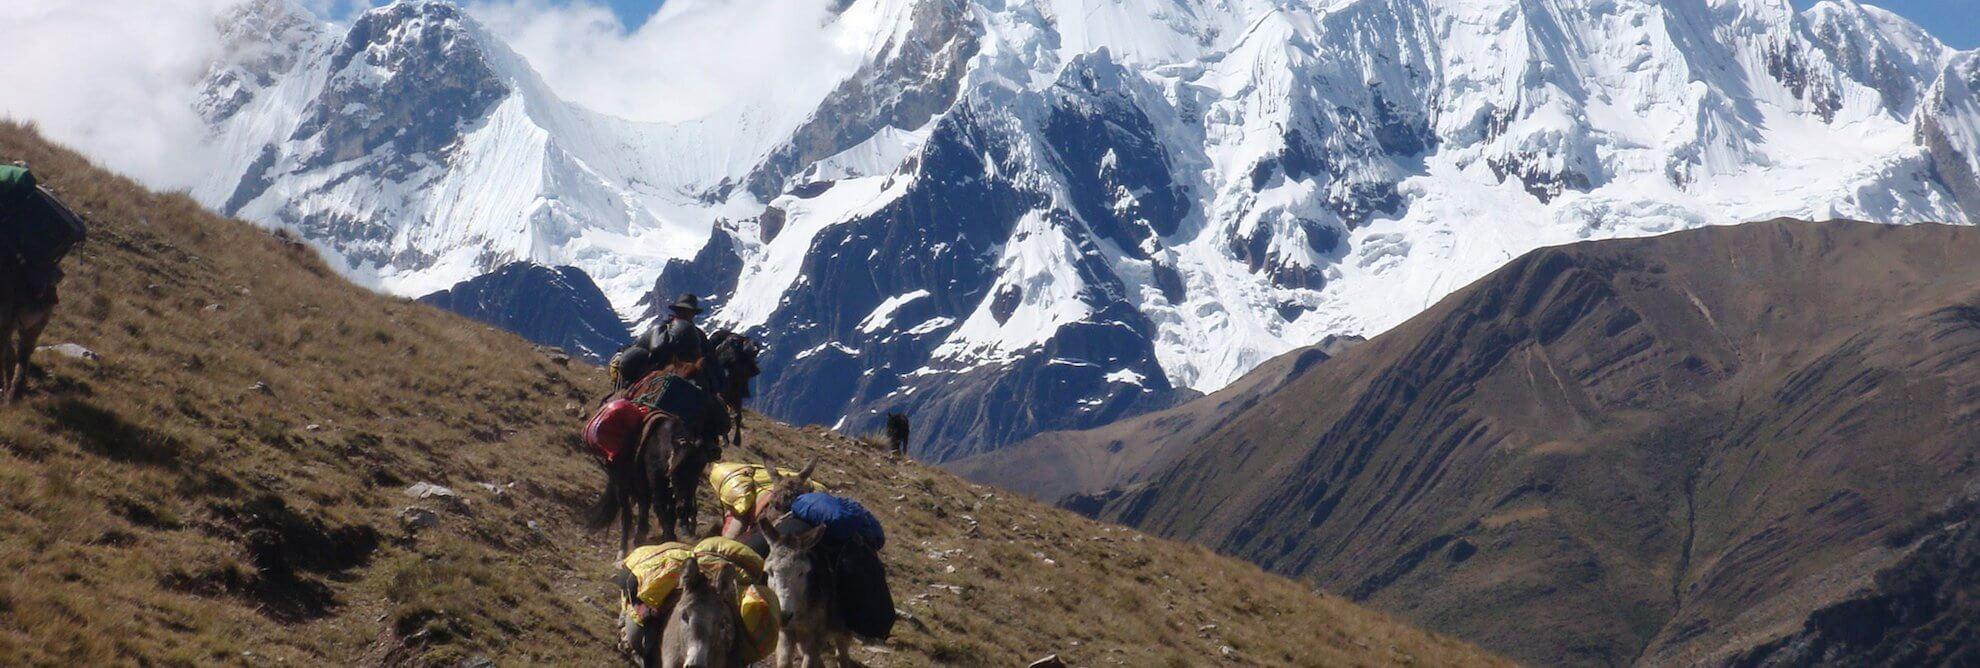 Cordillera Huayhuash Umrundung - Trekking Peru